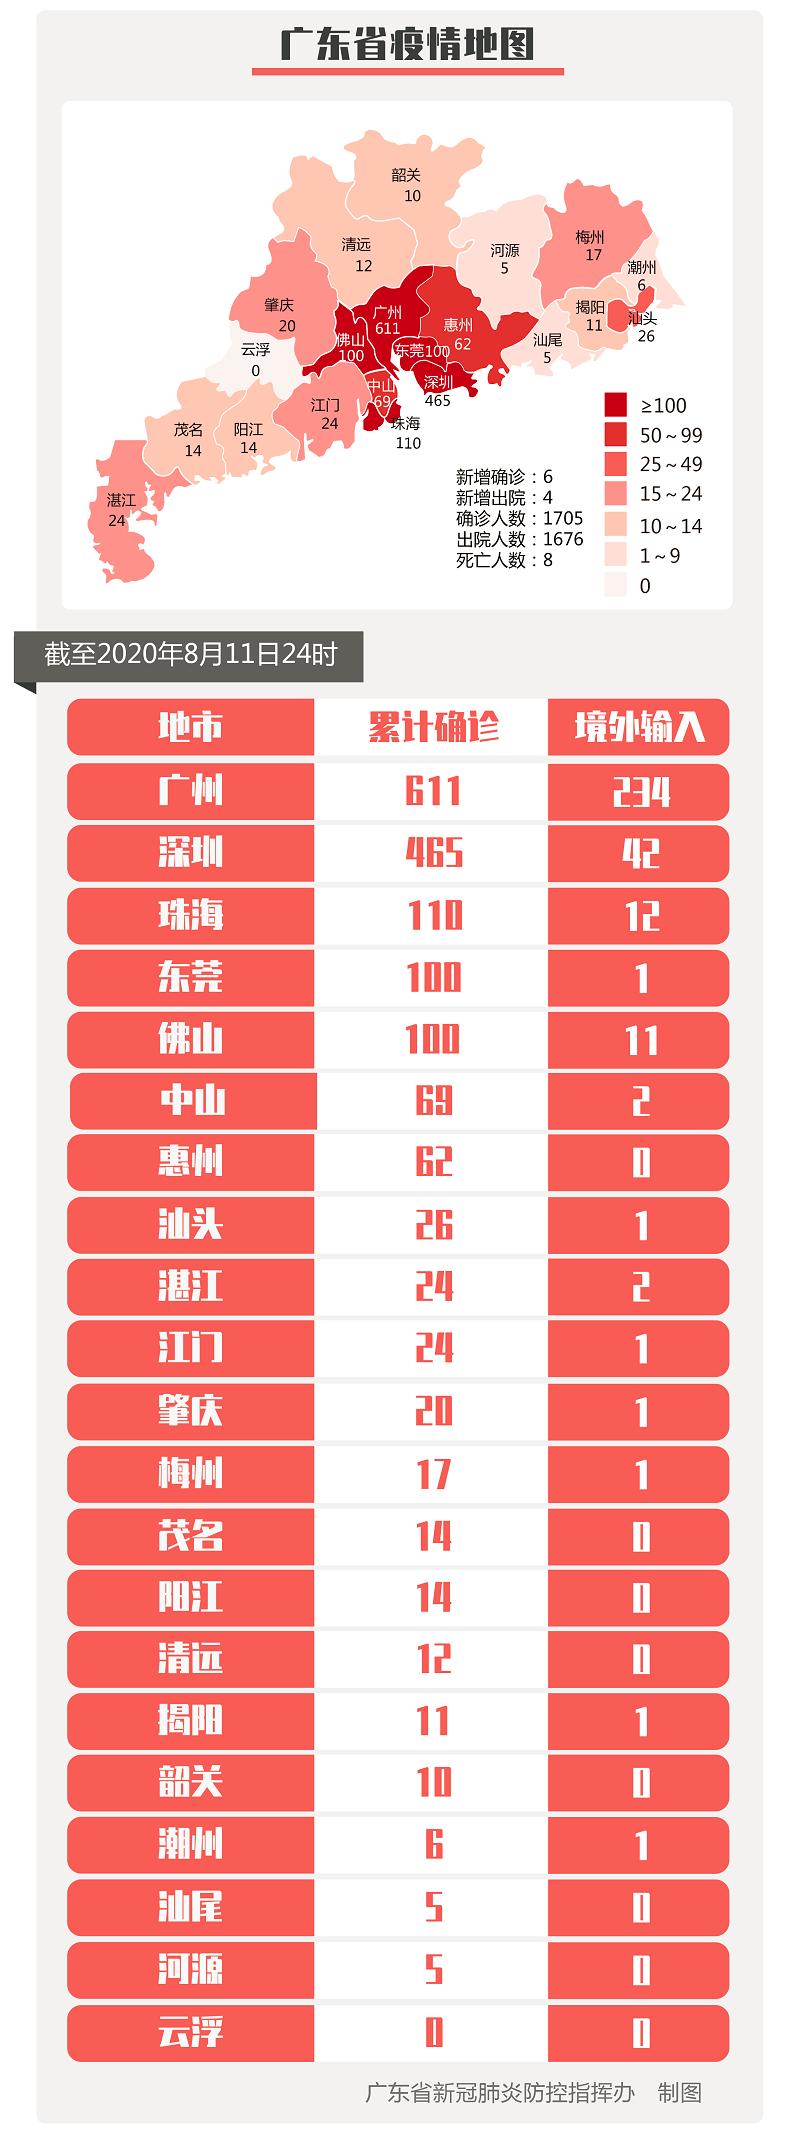 广东昨日新增境外输入确诊病例6例和境外输入无症状感染者3例均在入境口岸发现